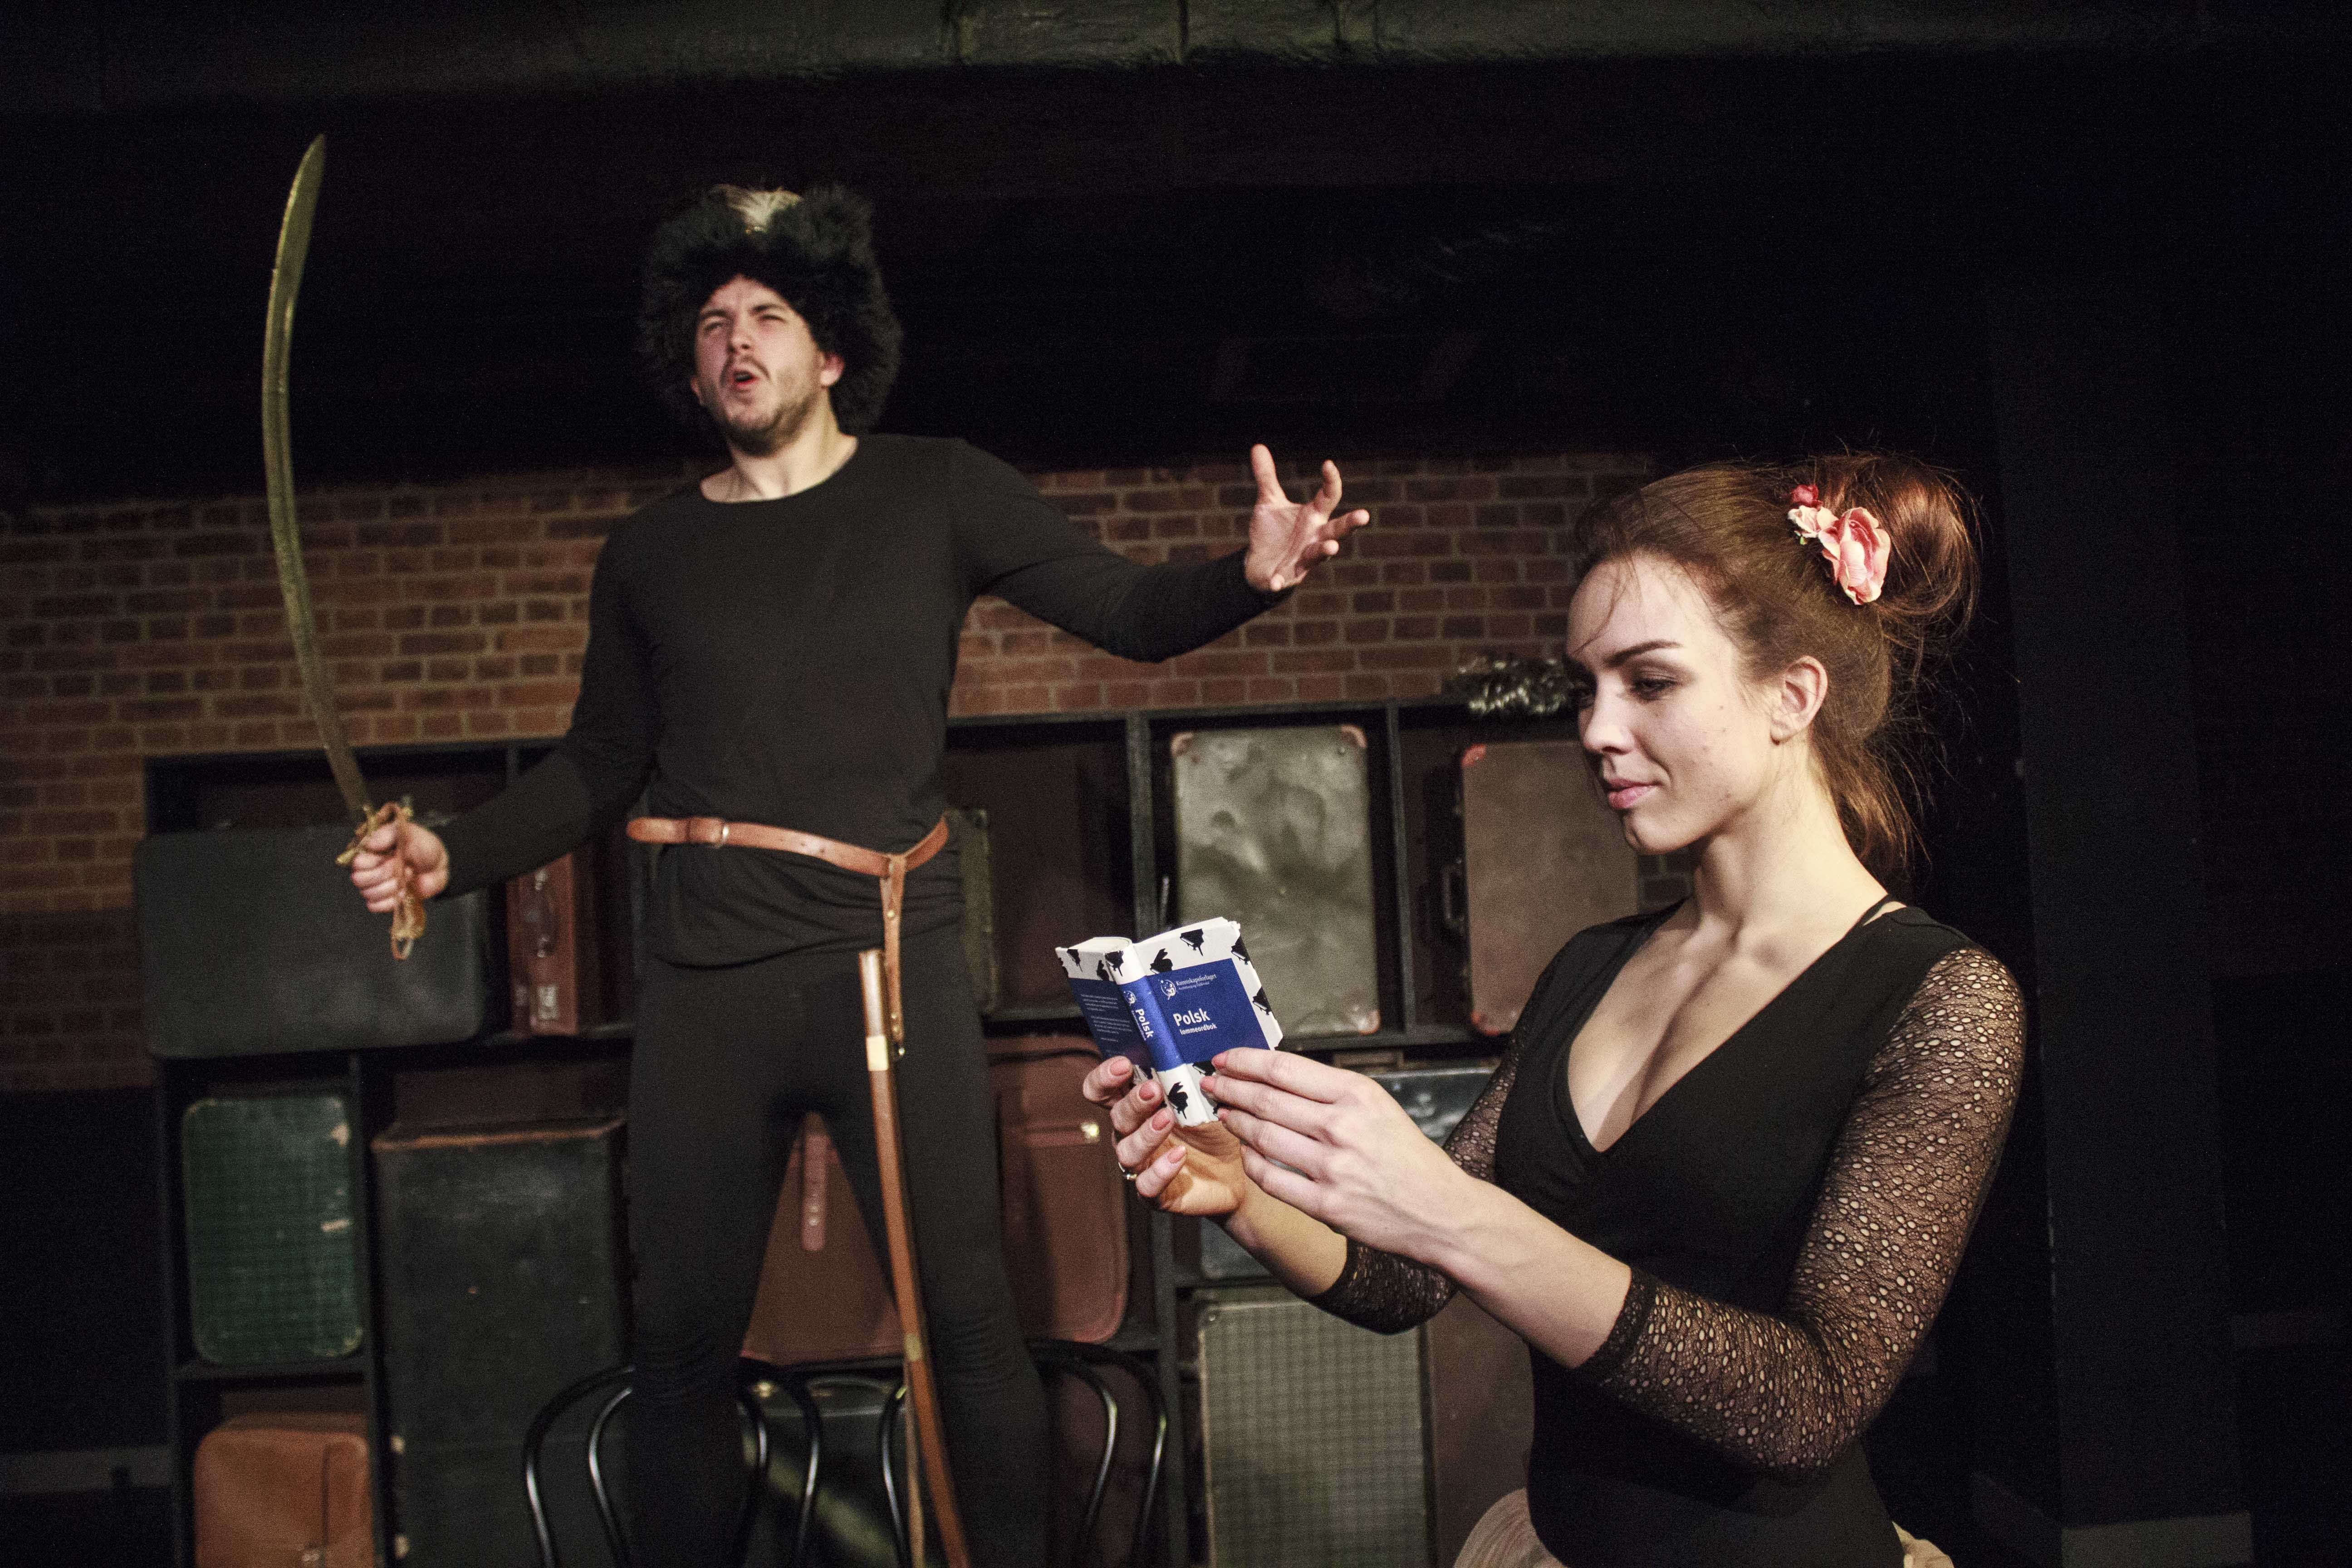 Zdjecie do spektaklu Emigrantka. Mężczyzna w futrzanej czapce z piórem i szabla w reku stoi po lewej stronie. Z prawej na pierwszym planie aktorka czytajaca mały słownik.